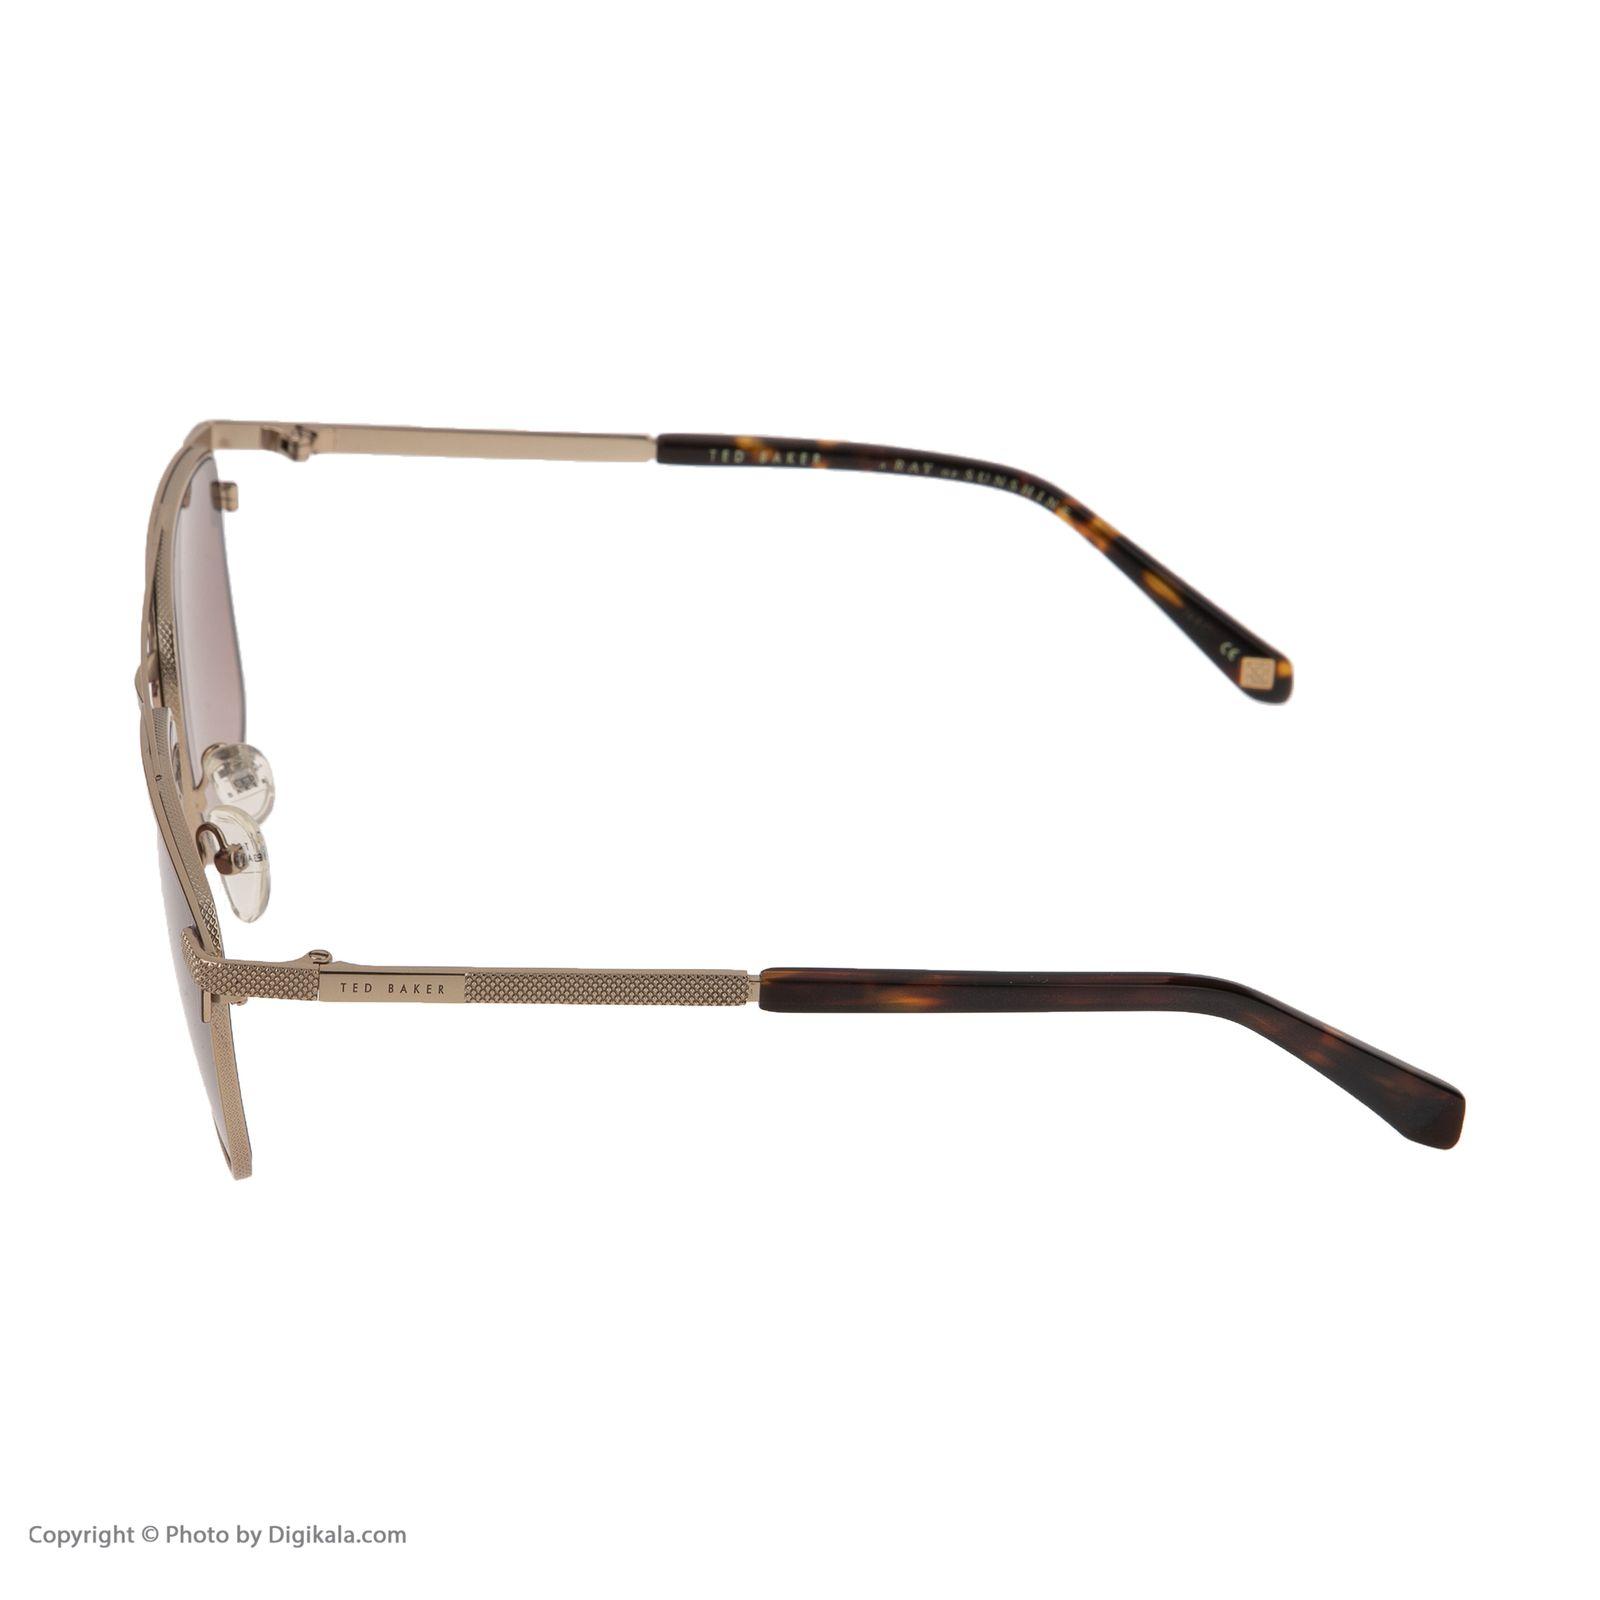 عینک آفتابی زنانه تد بیکر مدل TB 1485 204 -  - 4